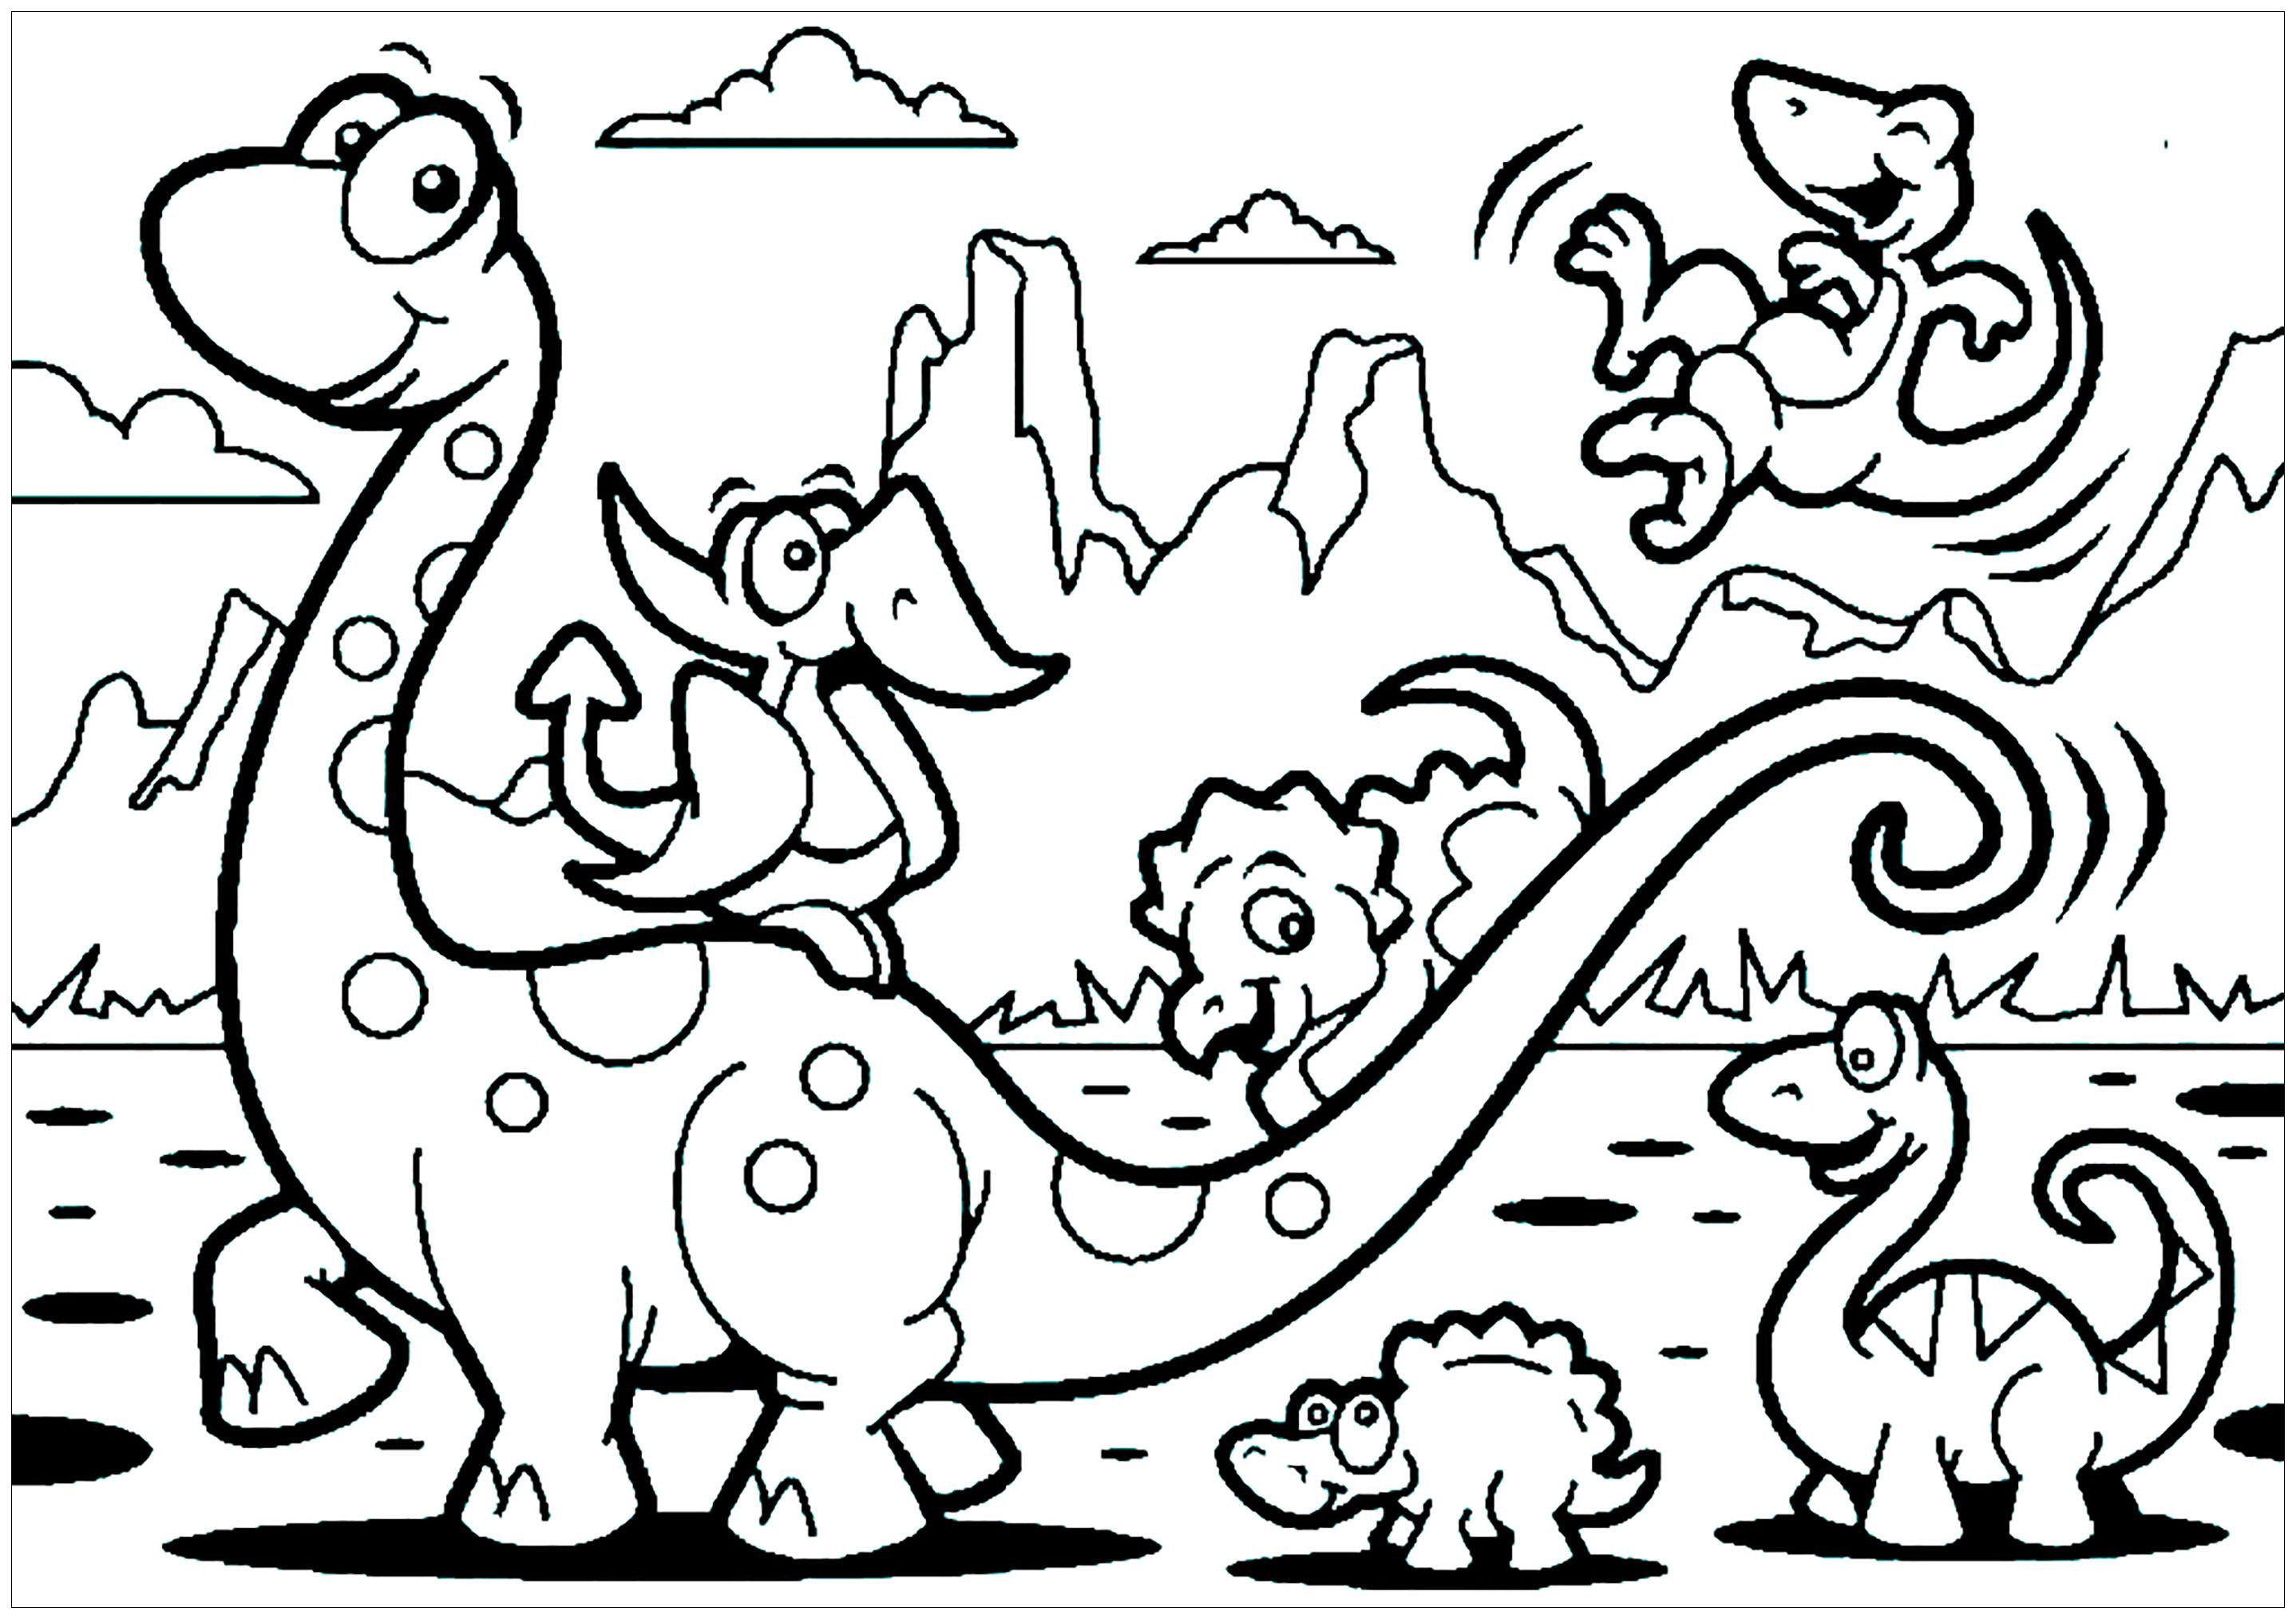 A Imprimer Dinosaure 5 Coloriages De Dinosaures Coloriages Enfants Biboon